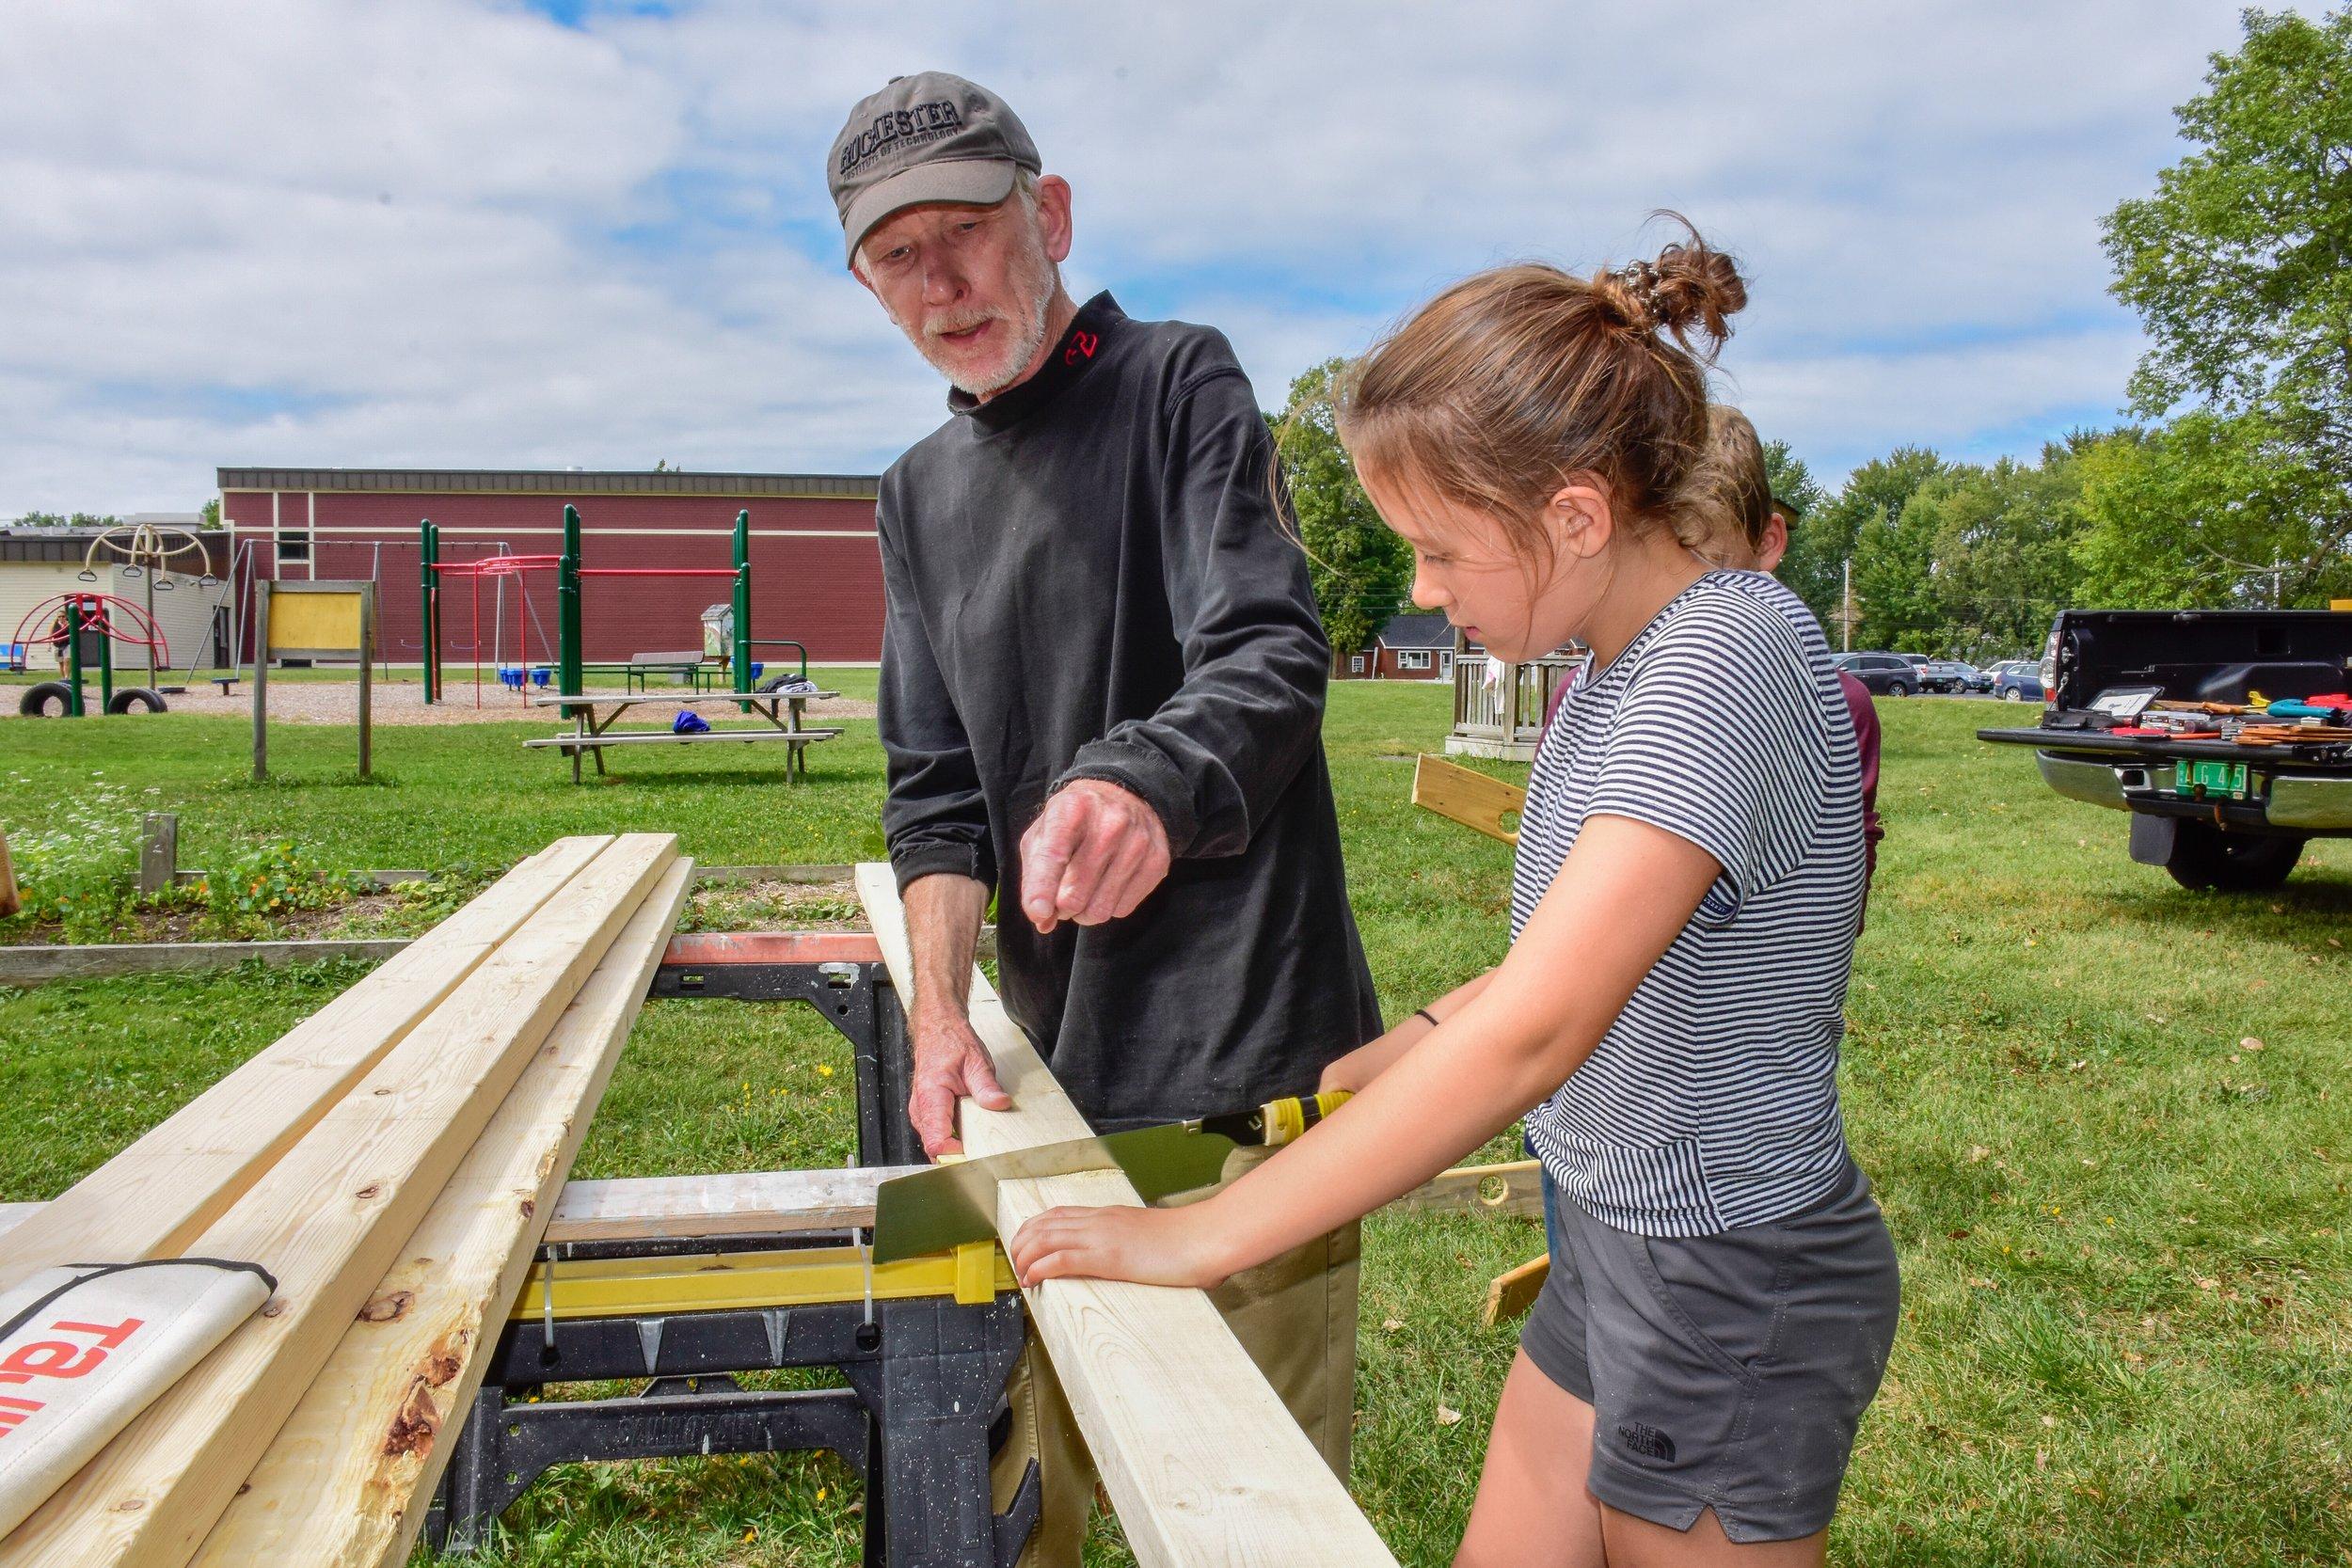 sawing lumber